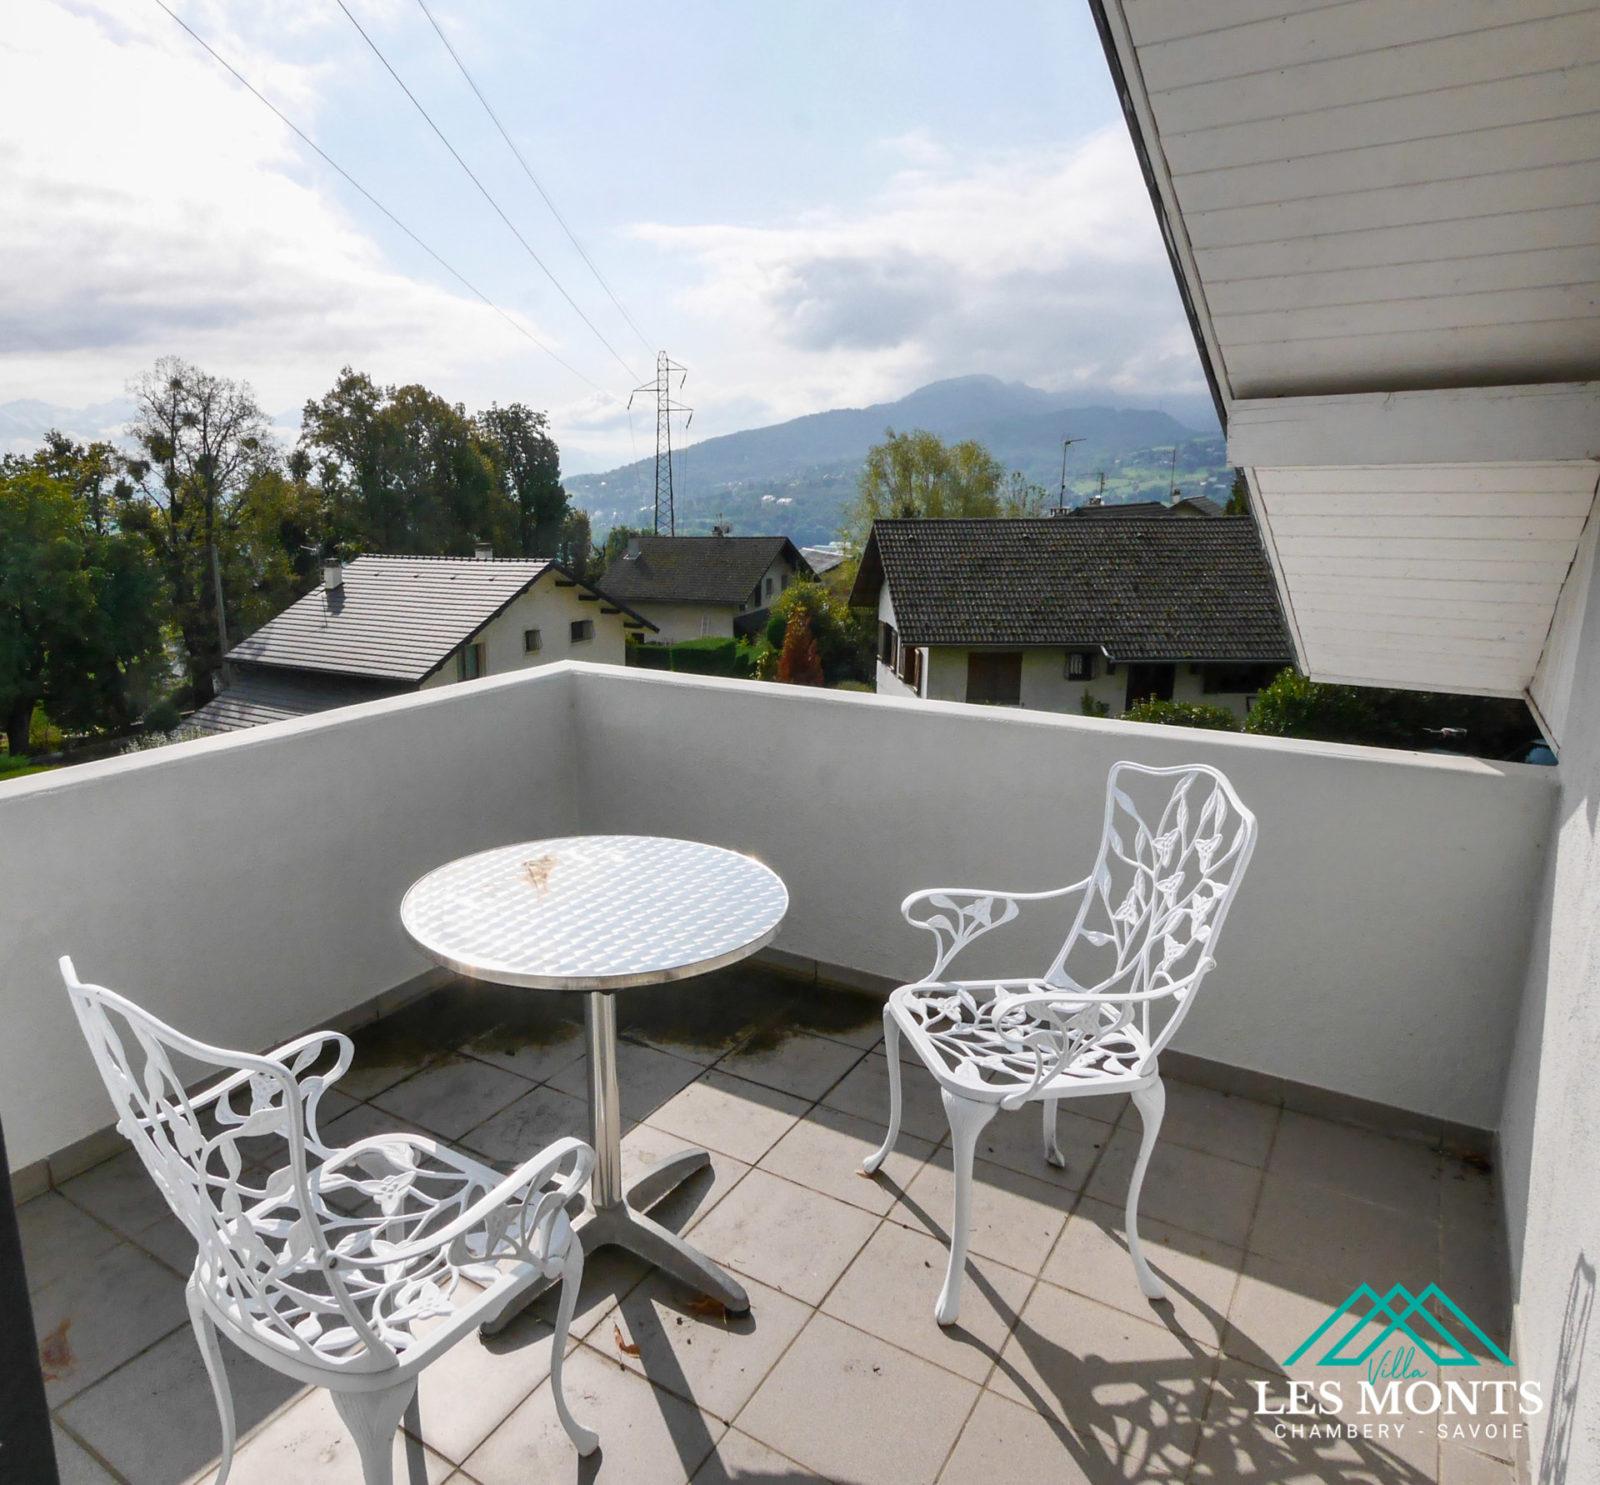 Photographie immobilière - Chambéry Savoie